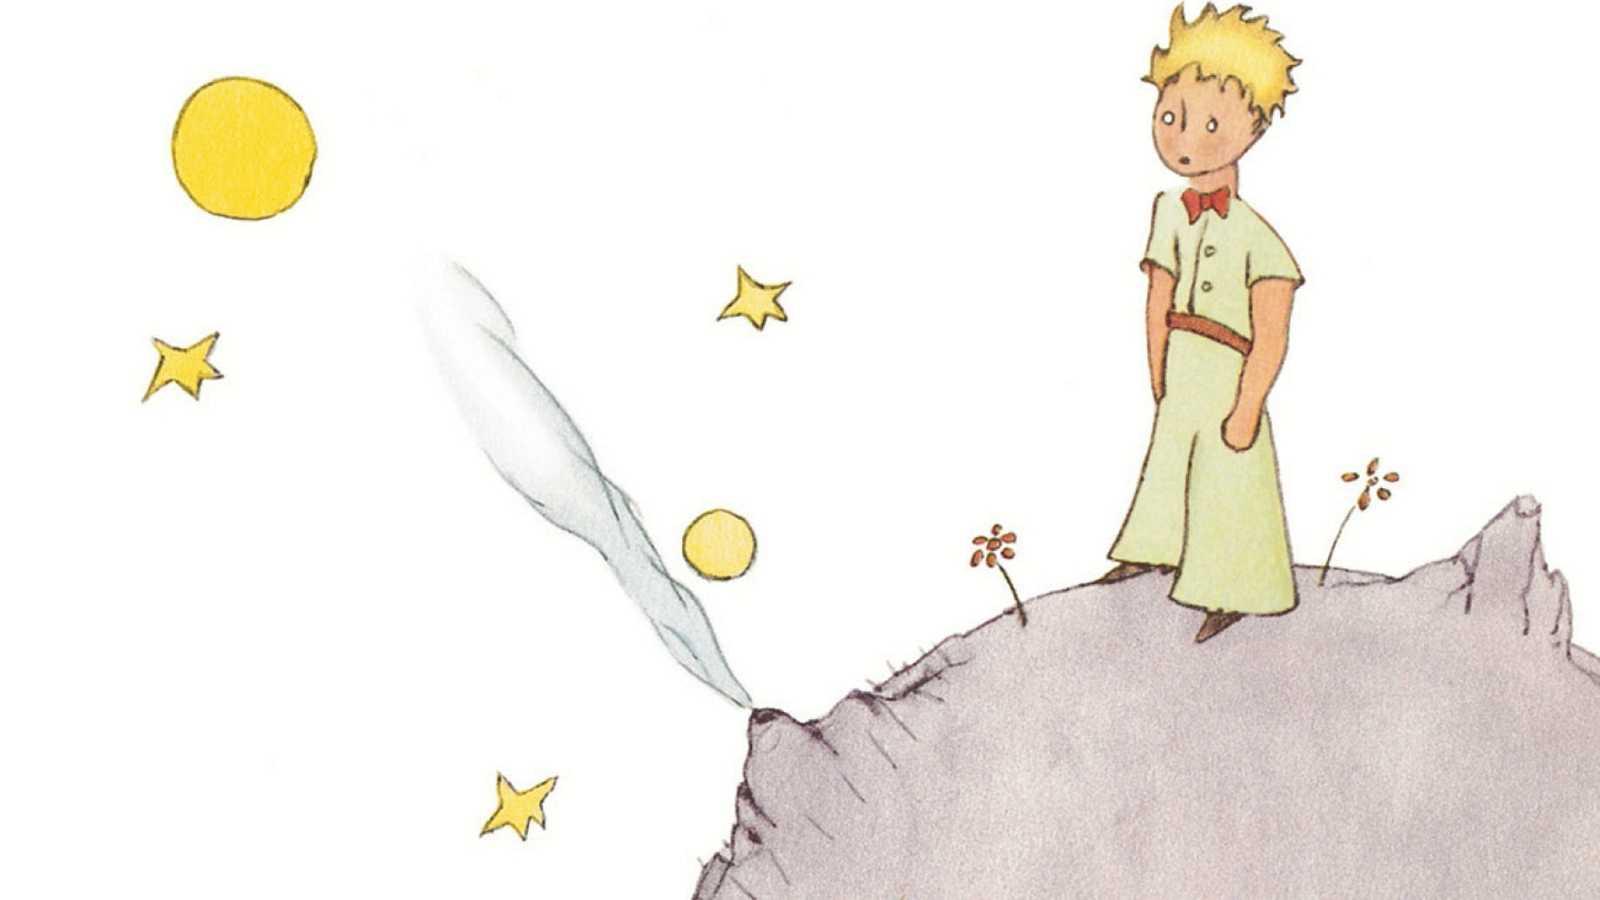 'El principito' de Antoine de Saint-Exupéry, el clásico infantil del Día del Libro